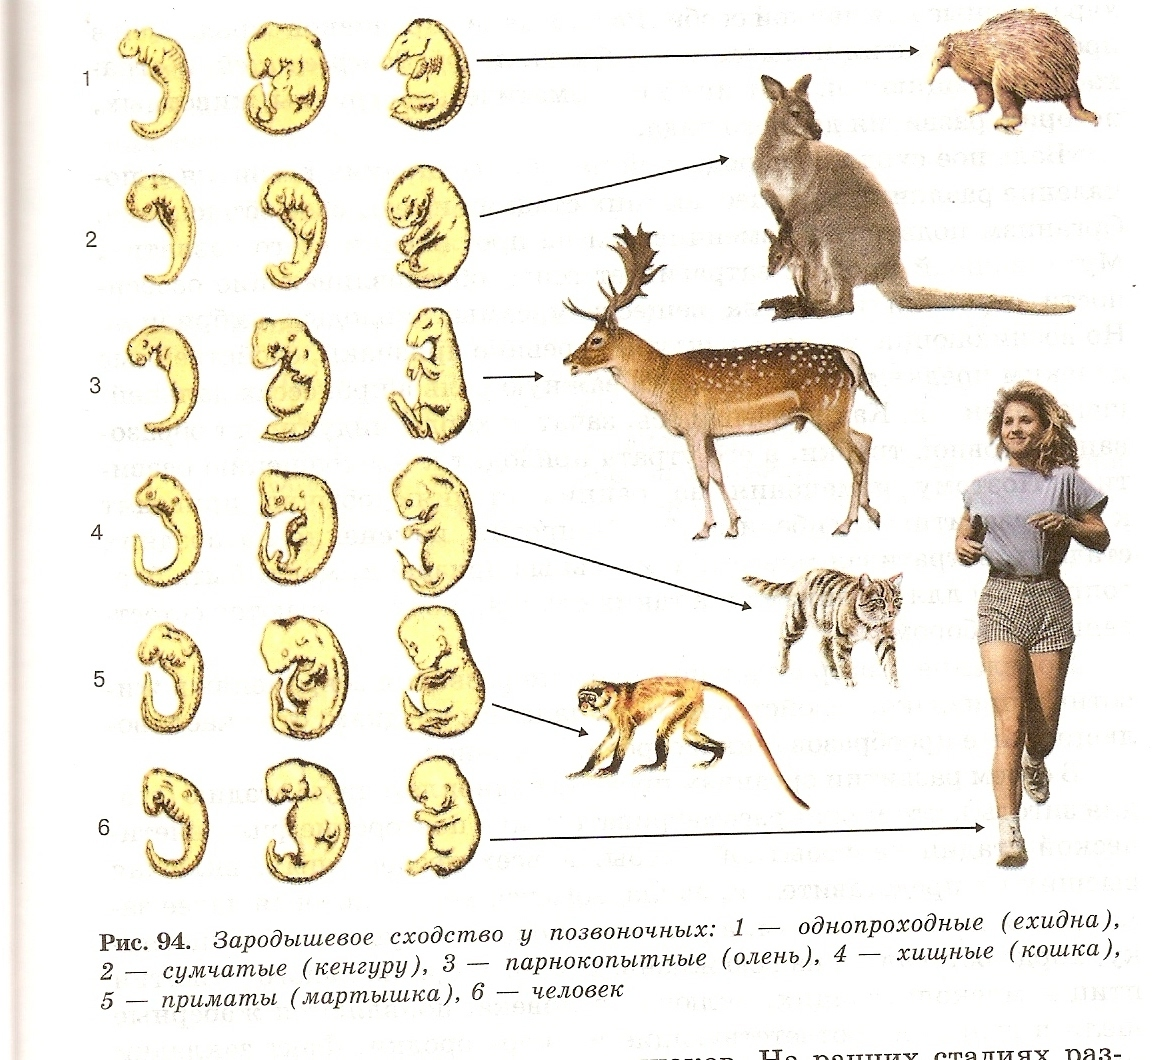 Схему эволюции животных